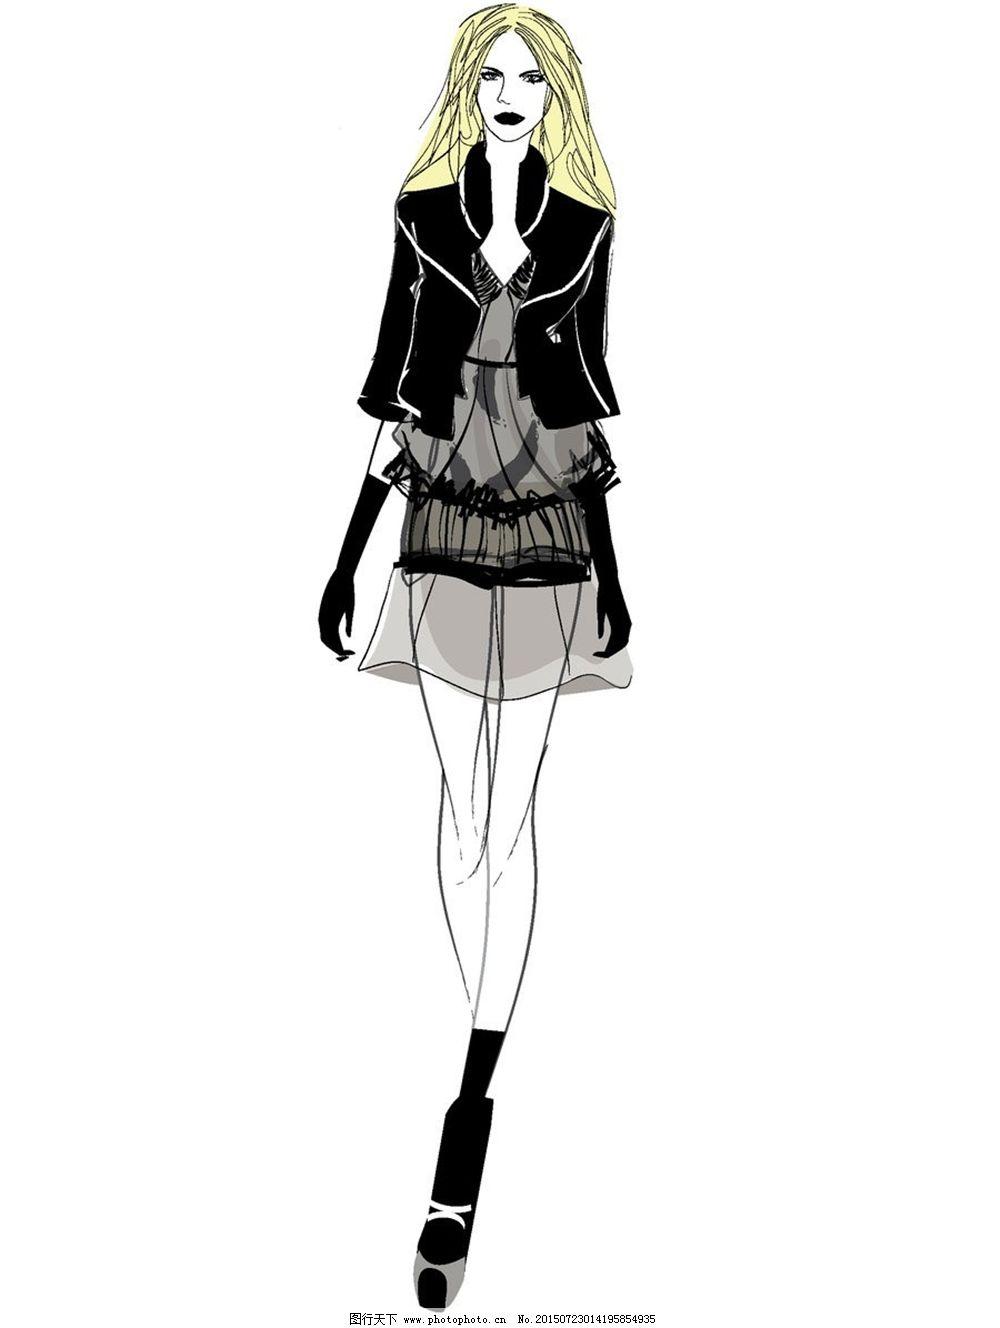 服装�:-+yl>[�~K�>K�_手绘服装设计v